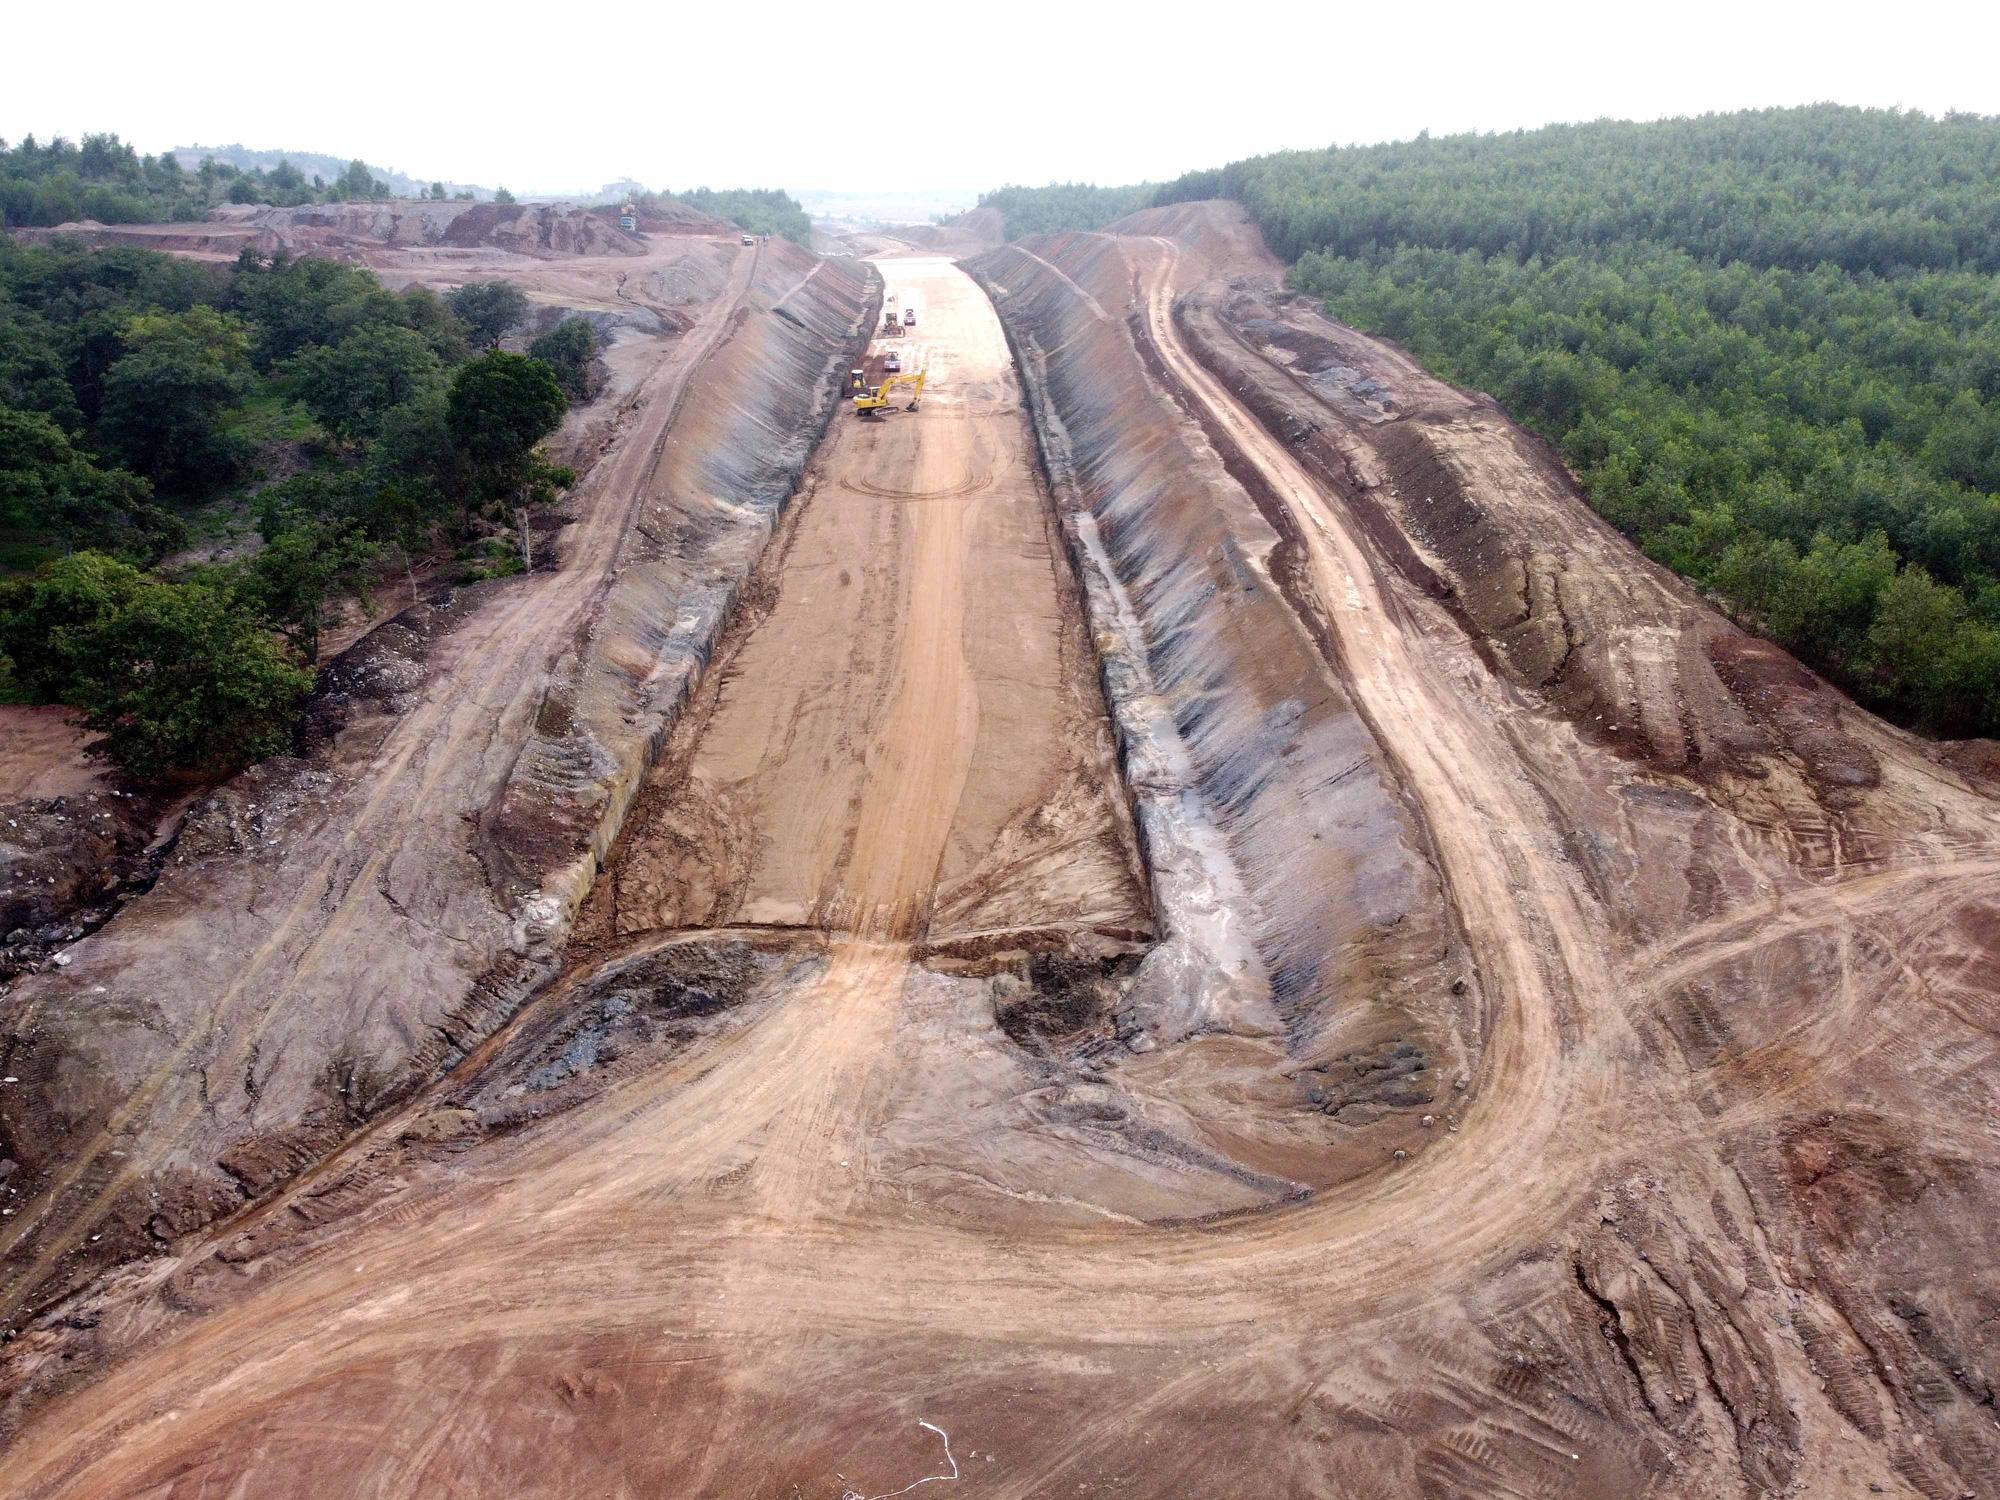 Cao tốc Phan Thiết - Dầu Giây dần lộ diện sau hơn 8 tháng thi công - Ảnh 3.